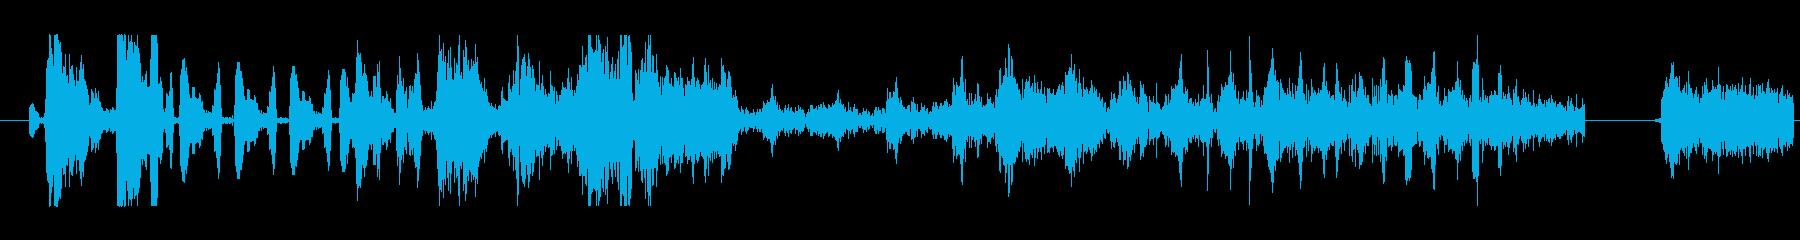 イメージ 言葉のノイズ06の再生済みの波形